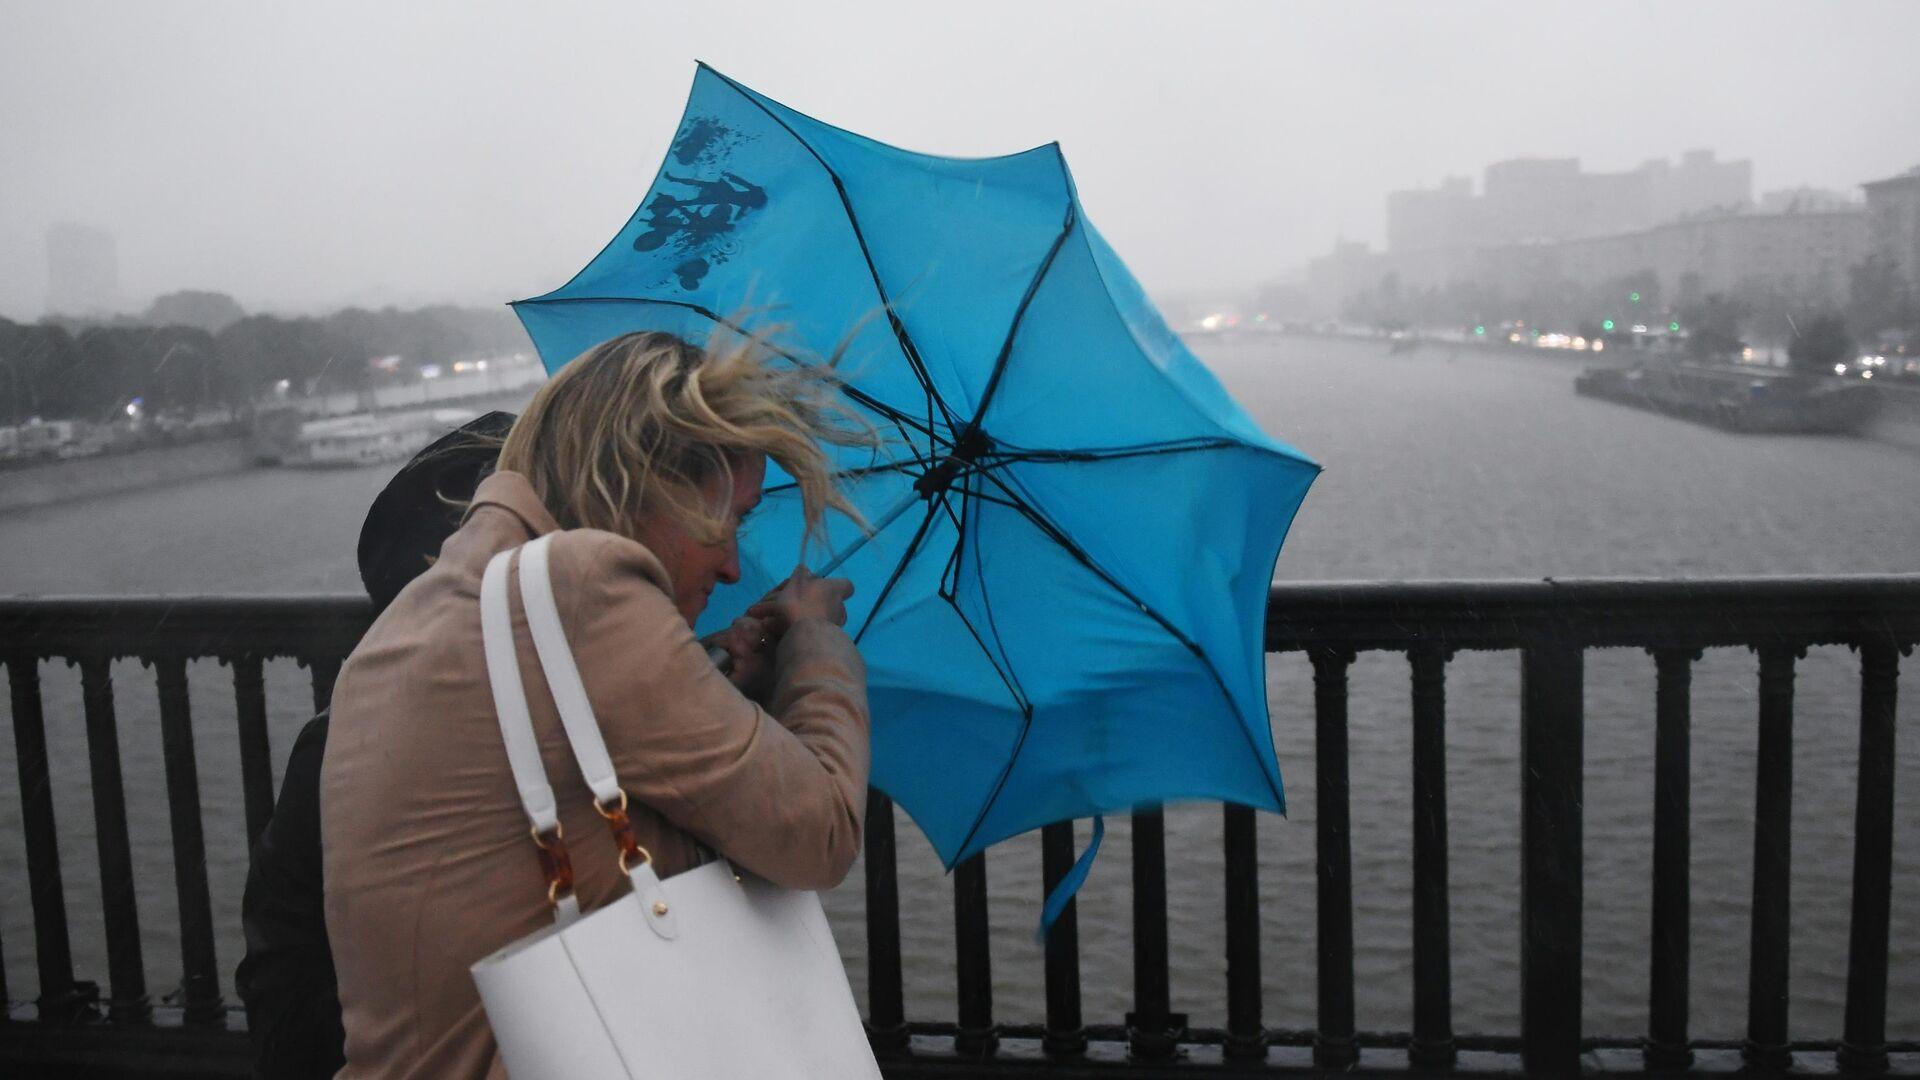 Дождь в Москве - РИА Новости, 1920, 06.05.2021